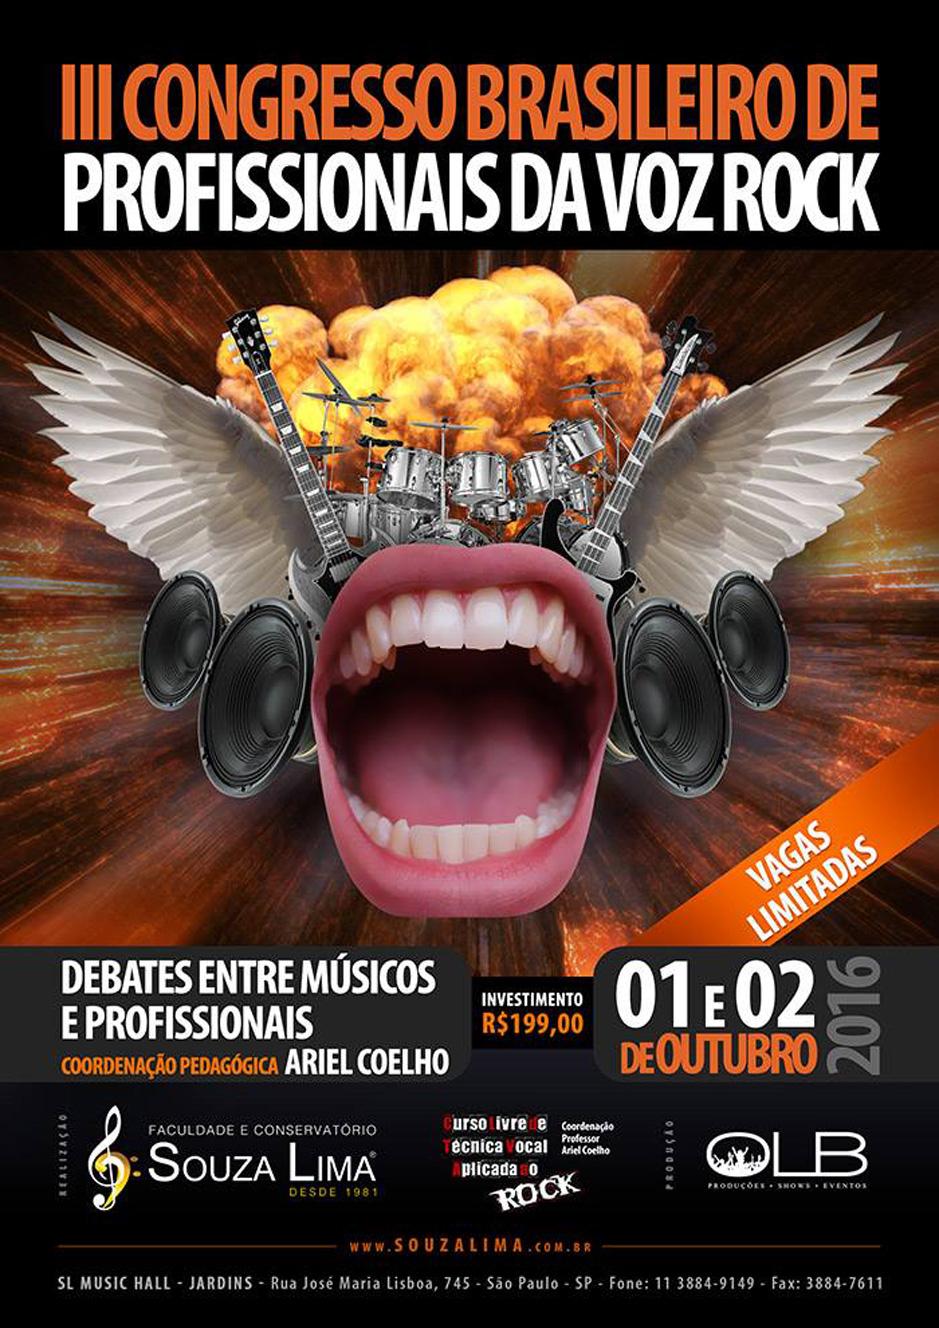 III Congresso Brasileiro de Profissionais da Voz Rock